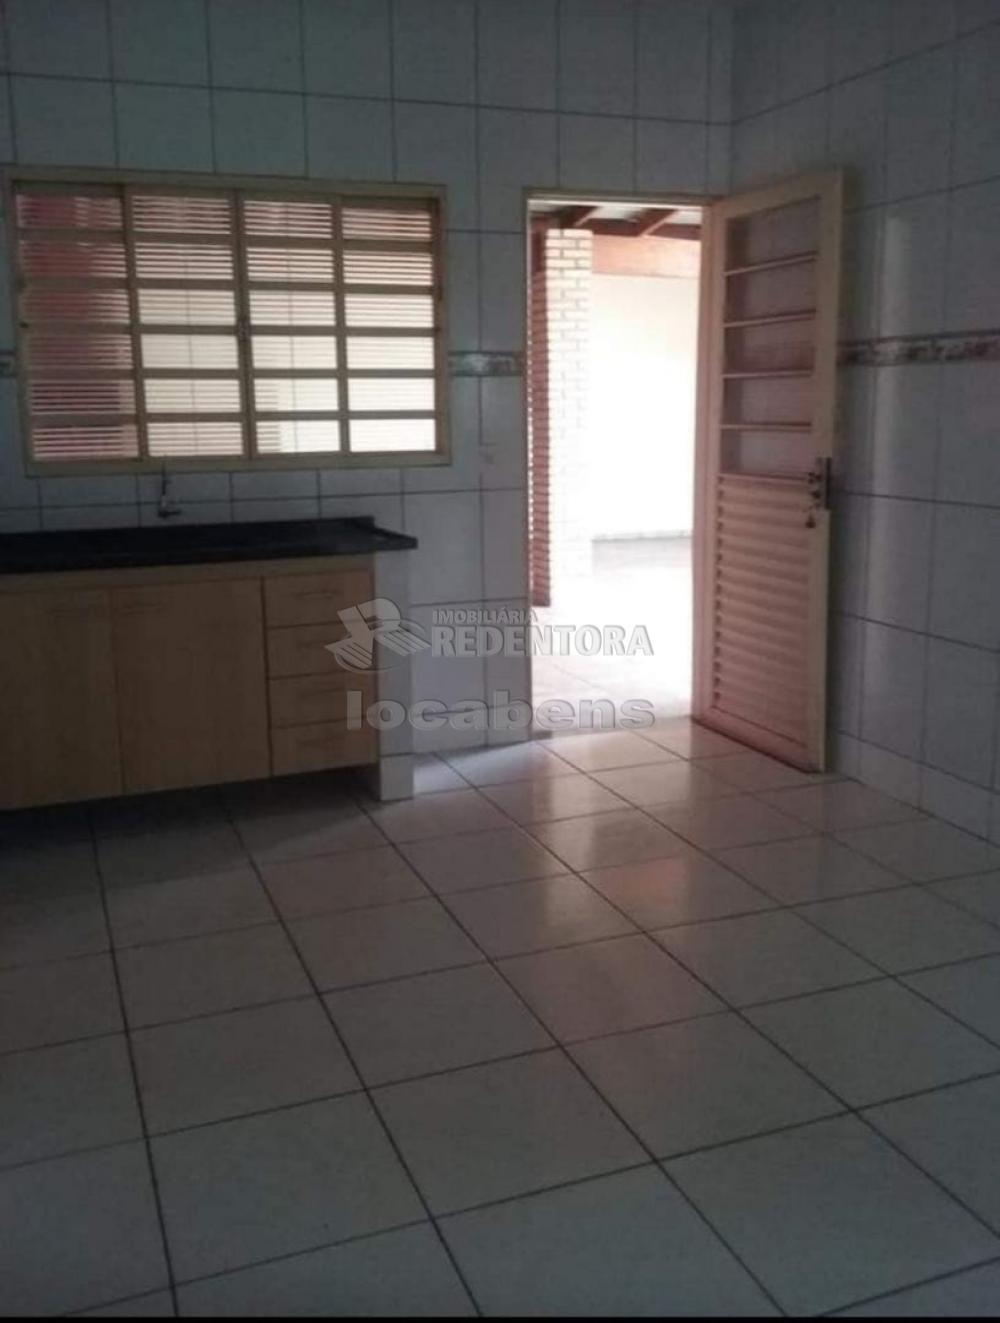 Alugar Casa / Padrão em São José do Rio Preto R$ 1.200,00 - Foto 9